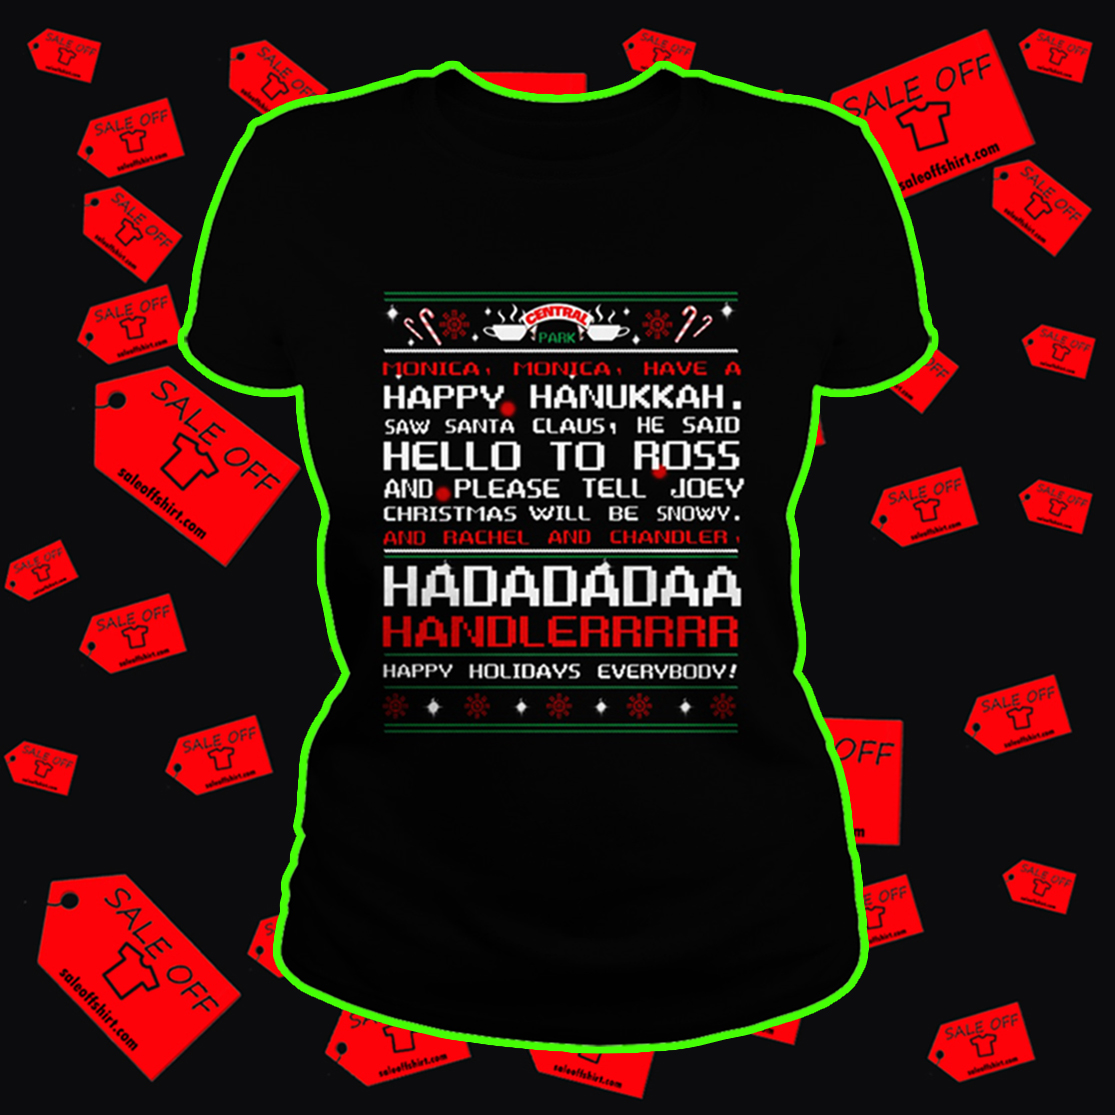 Central Park monica monica have a happy hanukkah ugly t-shirt